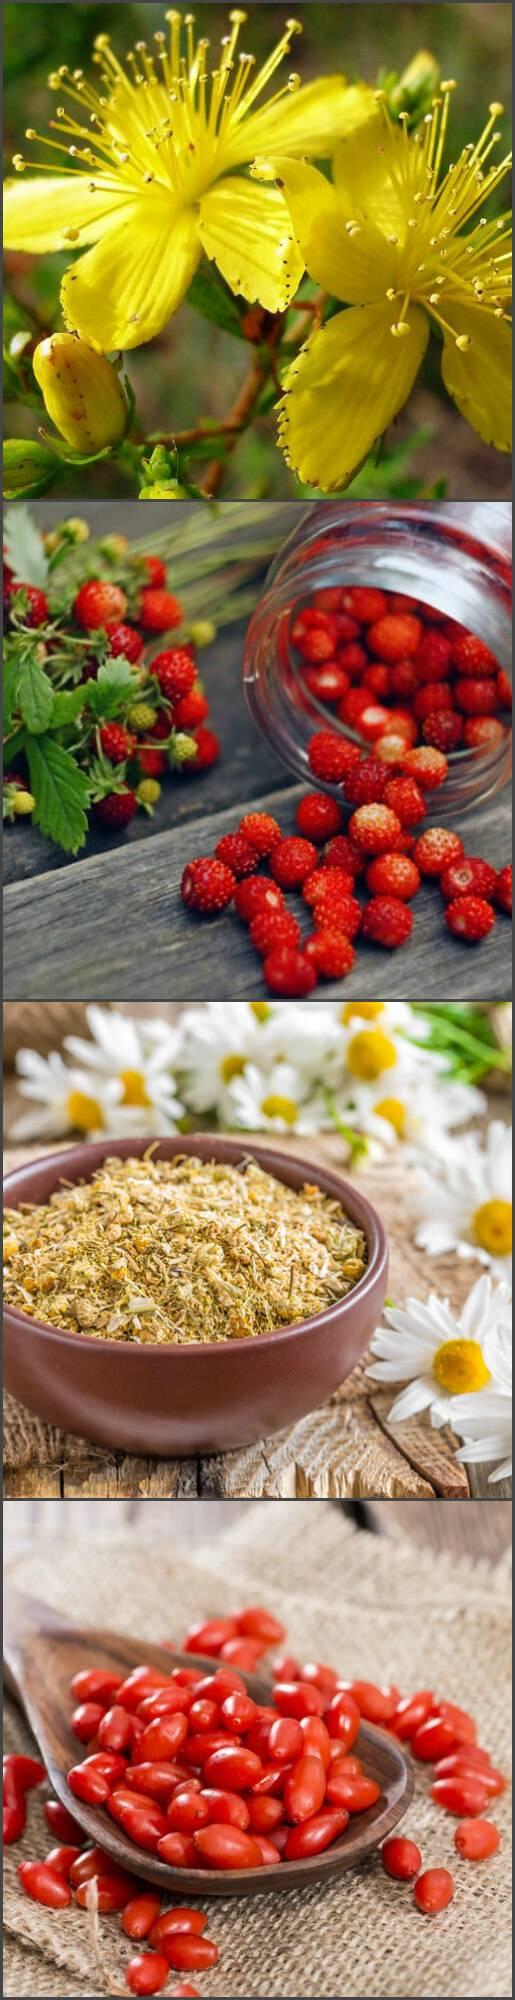 Лечение цирроза печени народными средствами - самые эффективные: народные средства и травы при циррозе